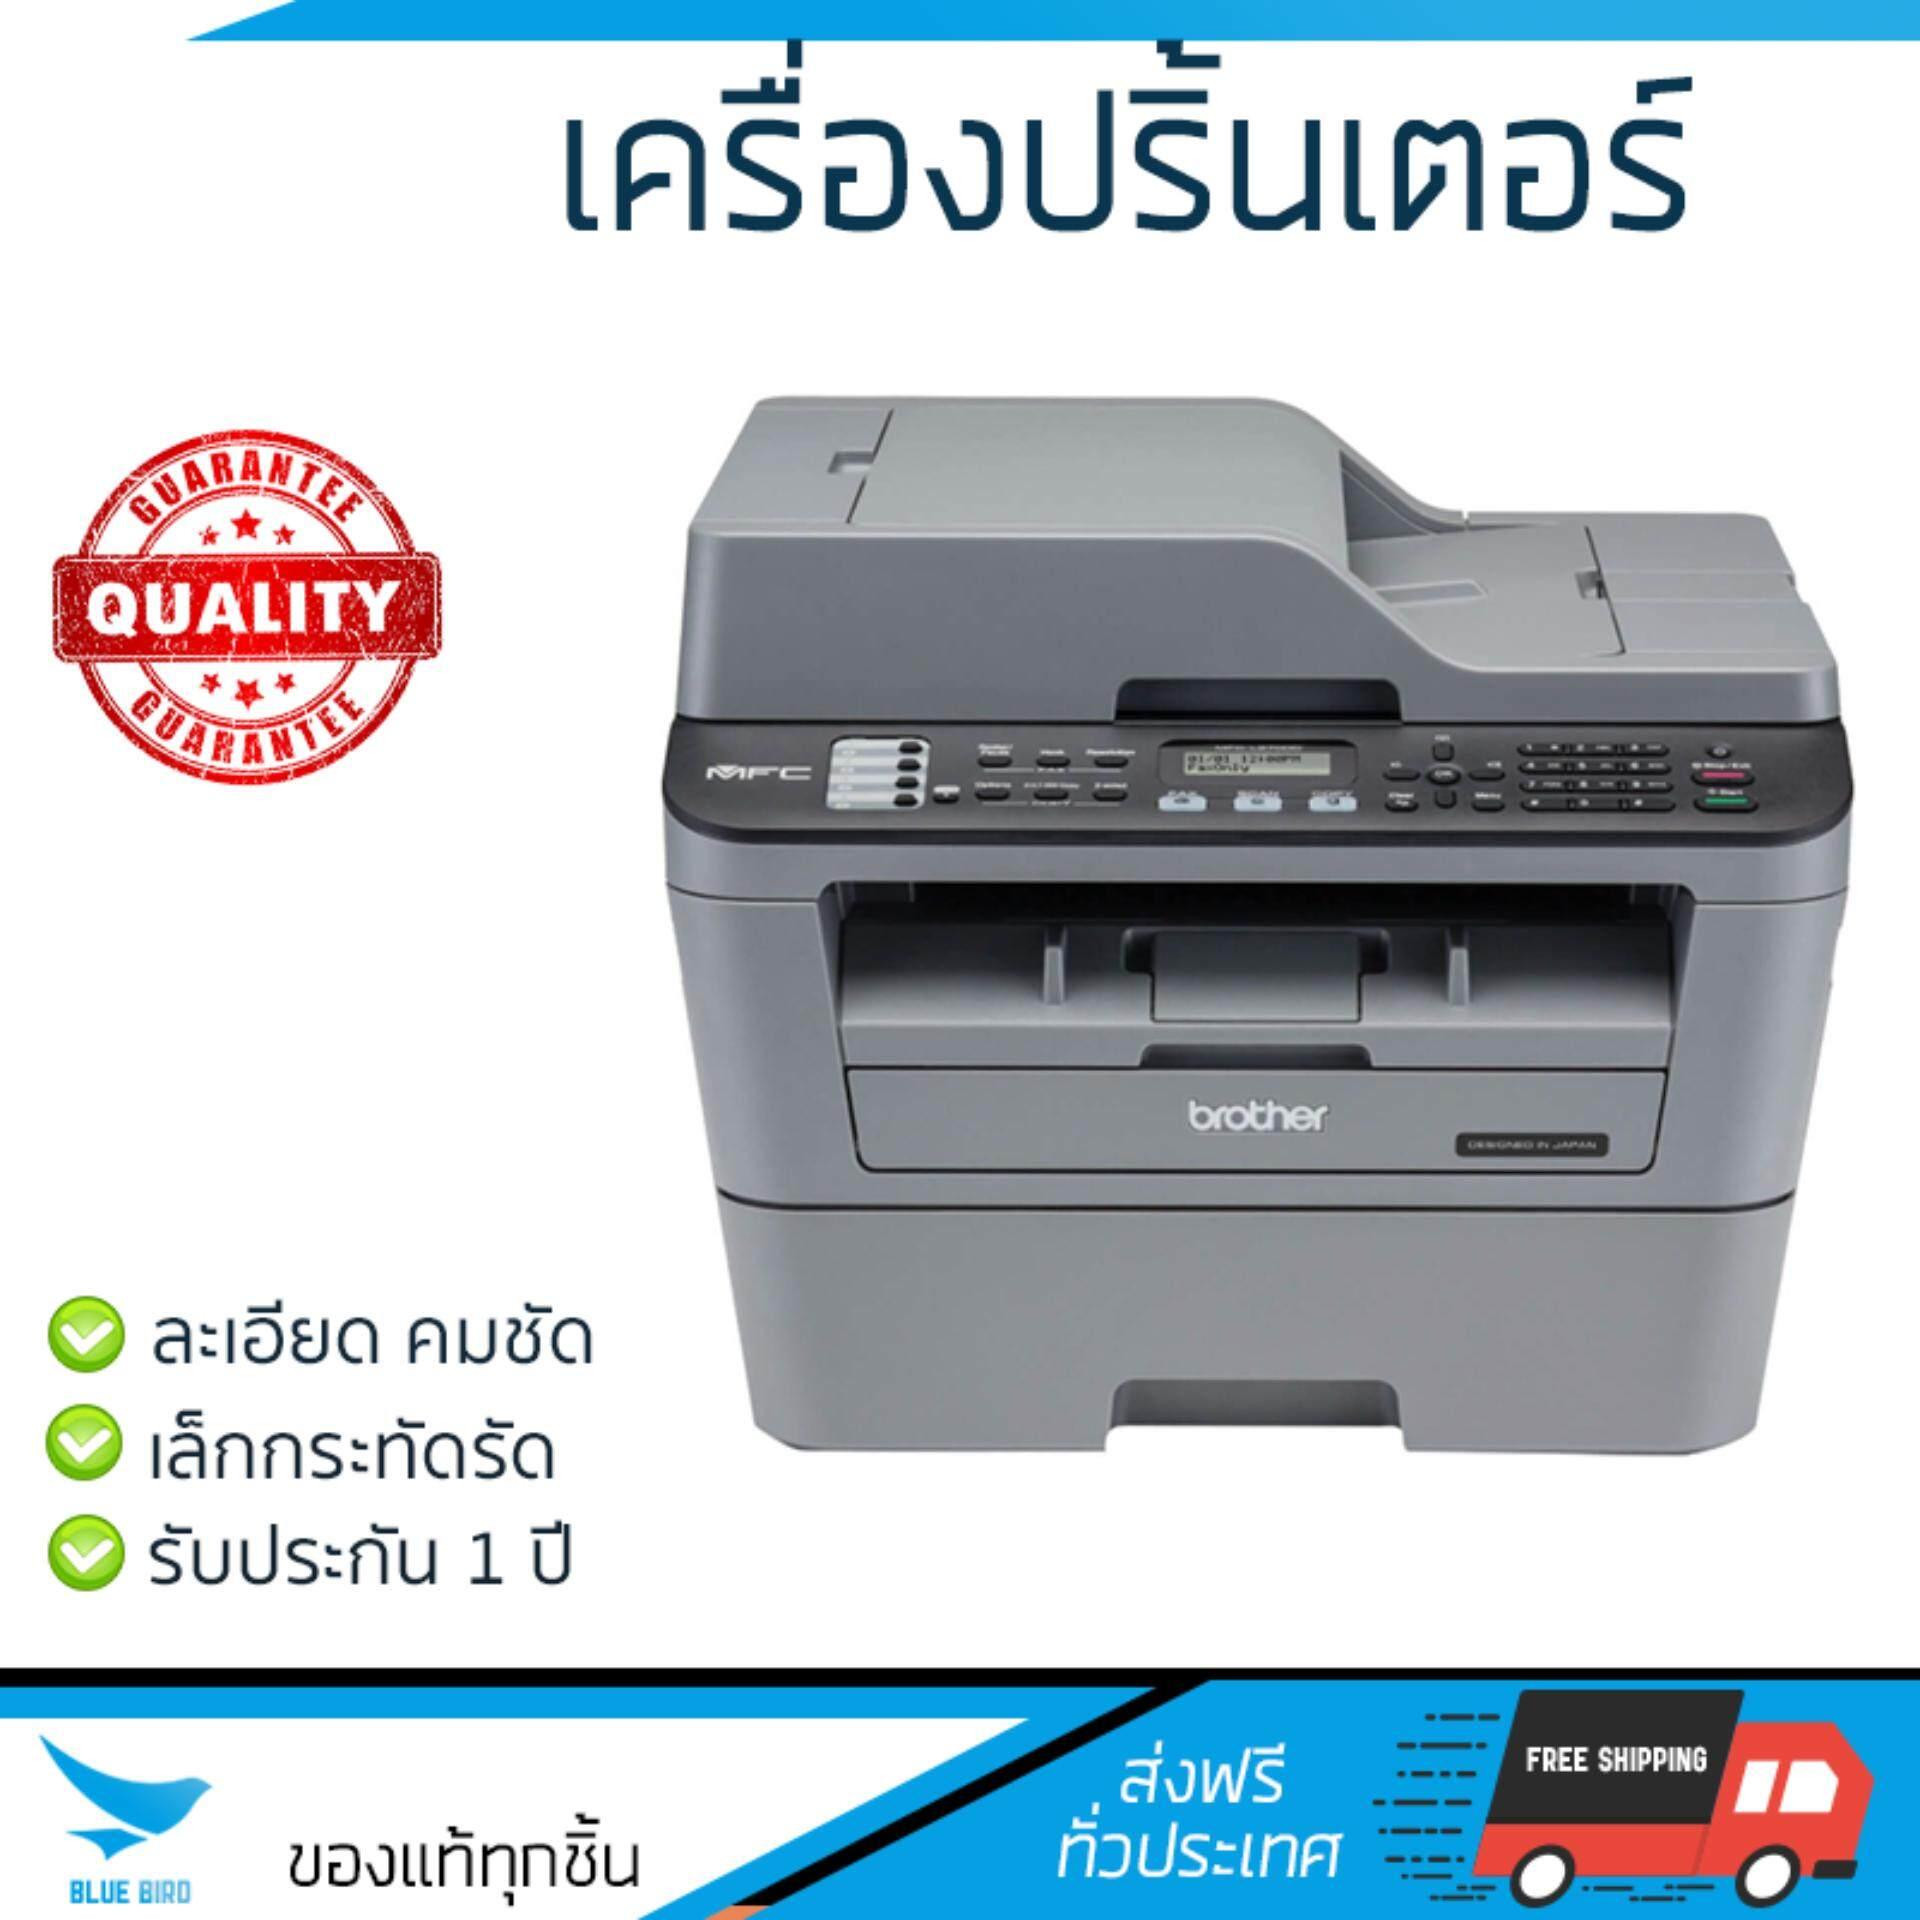 ลดสุดๆ โปรโมชัน เครื่องพิมพ์เลเซอร์           BROTHER ปริ้นเตอร์มัลติฟังก์ชั่น รุ่น MFC-L2700D             ความละเอียดสูง คมชัด พิมพ์ได้รวดเร็ว เครื่องปริ้น เครื่องปริ้นท์ Laser Printer รับประกันสินค้